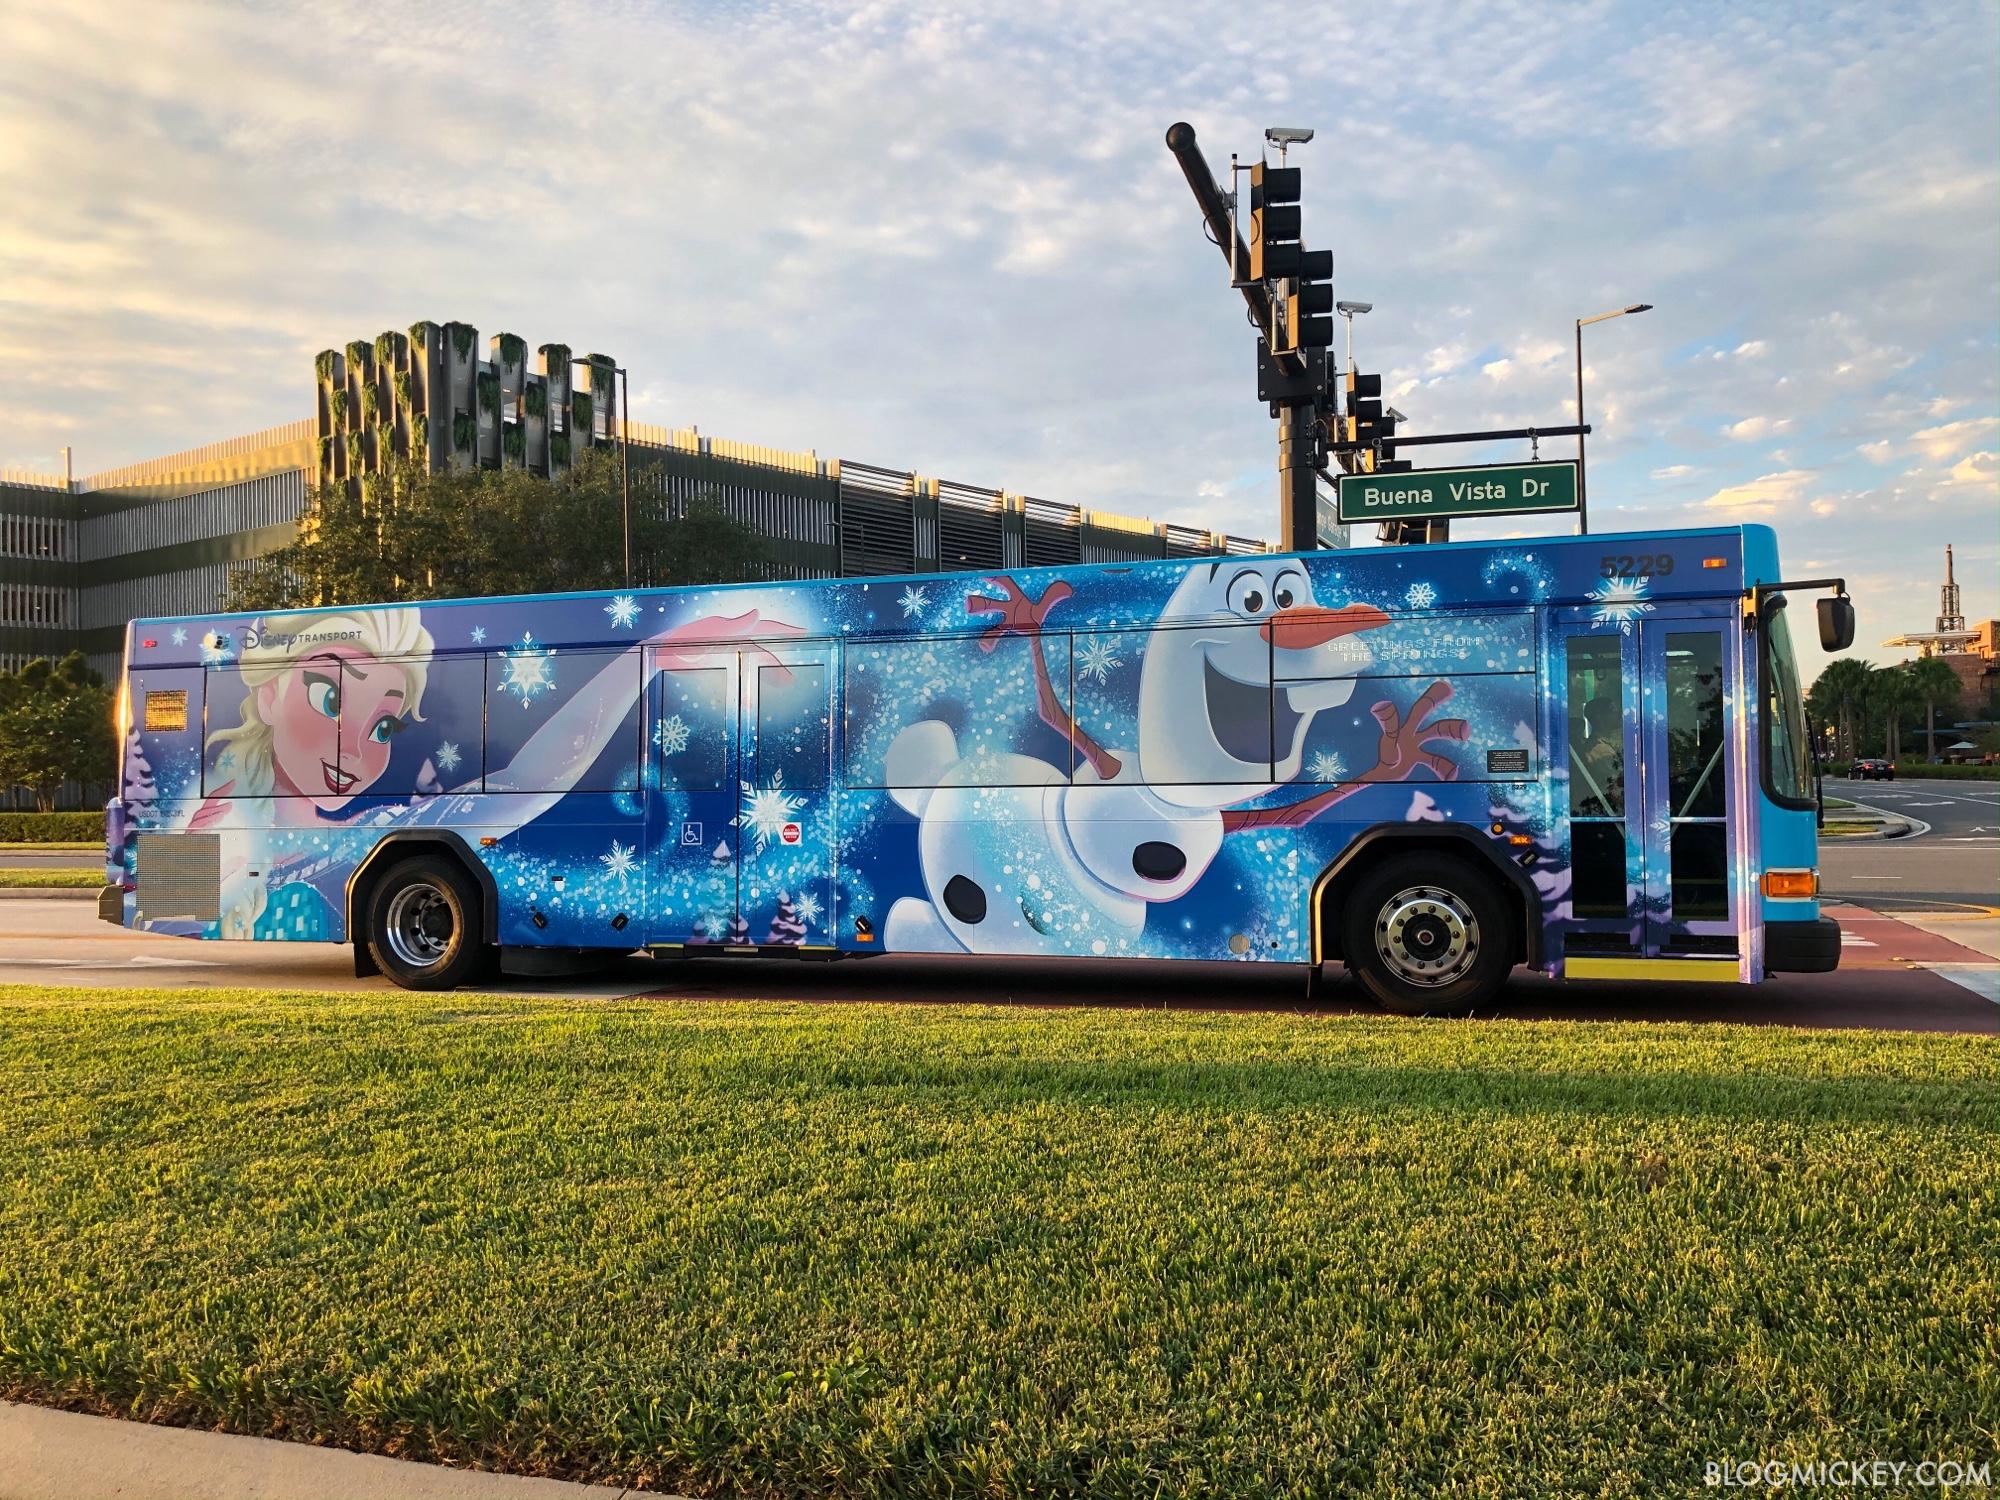 Frozen Themed Character Bus Joins Fleet At Walt Disney World